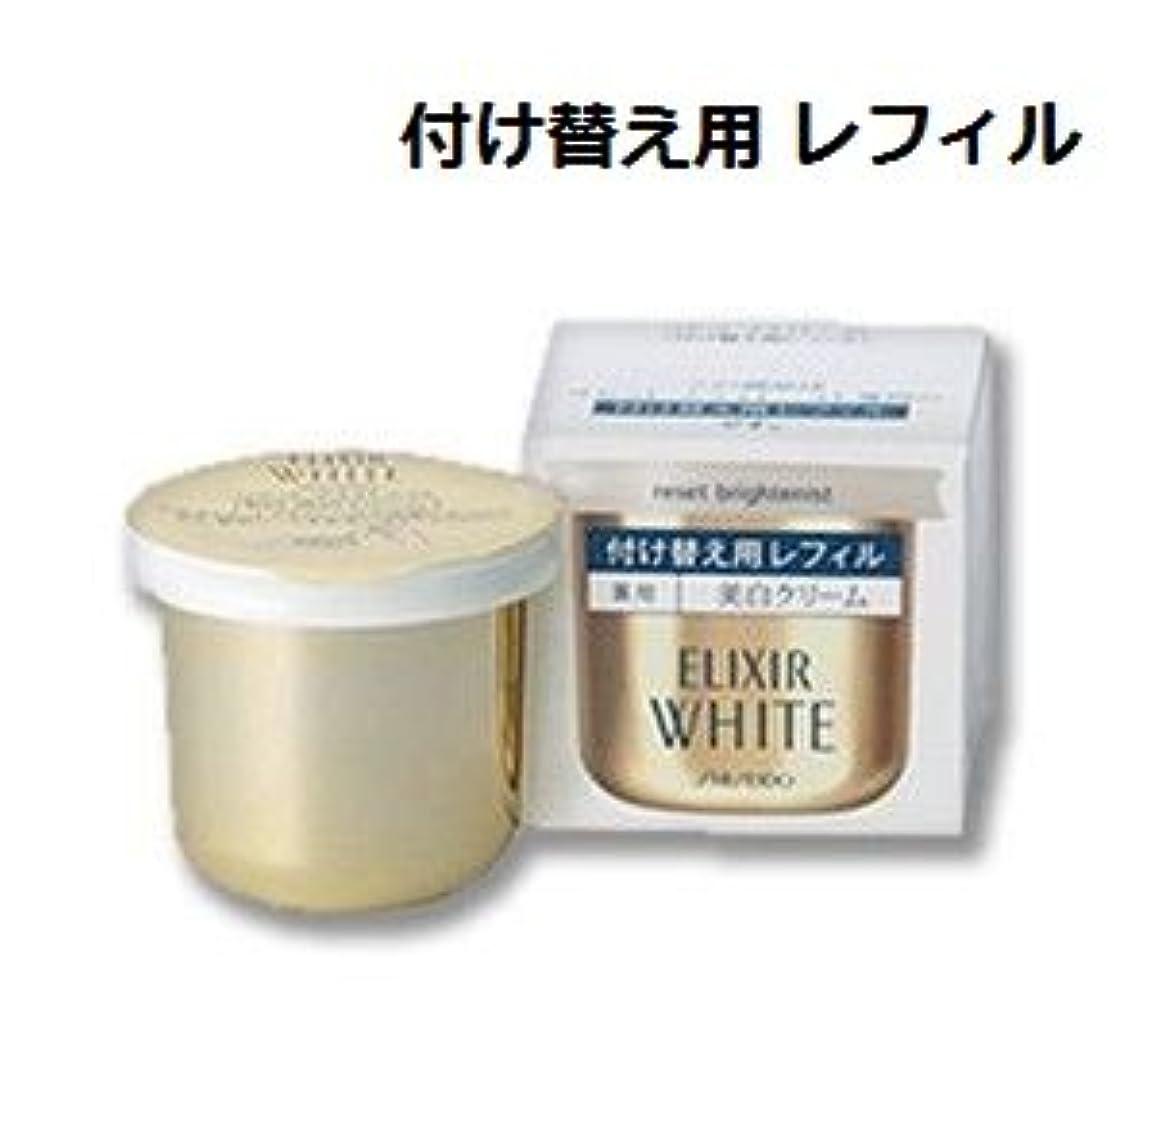 資生堂 エリクシール ホワイト リセット ブライトニスト クリーム 40g レフィル アウトレット